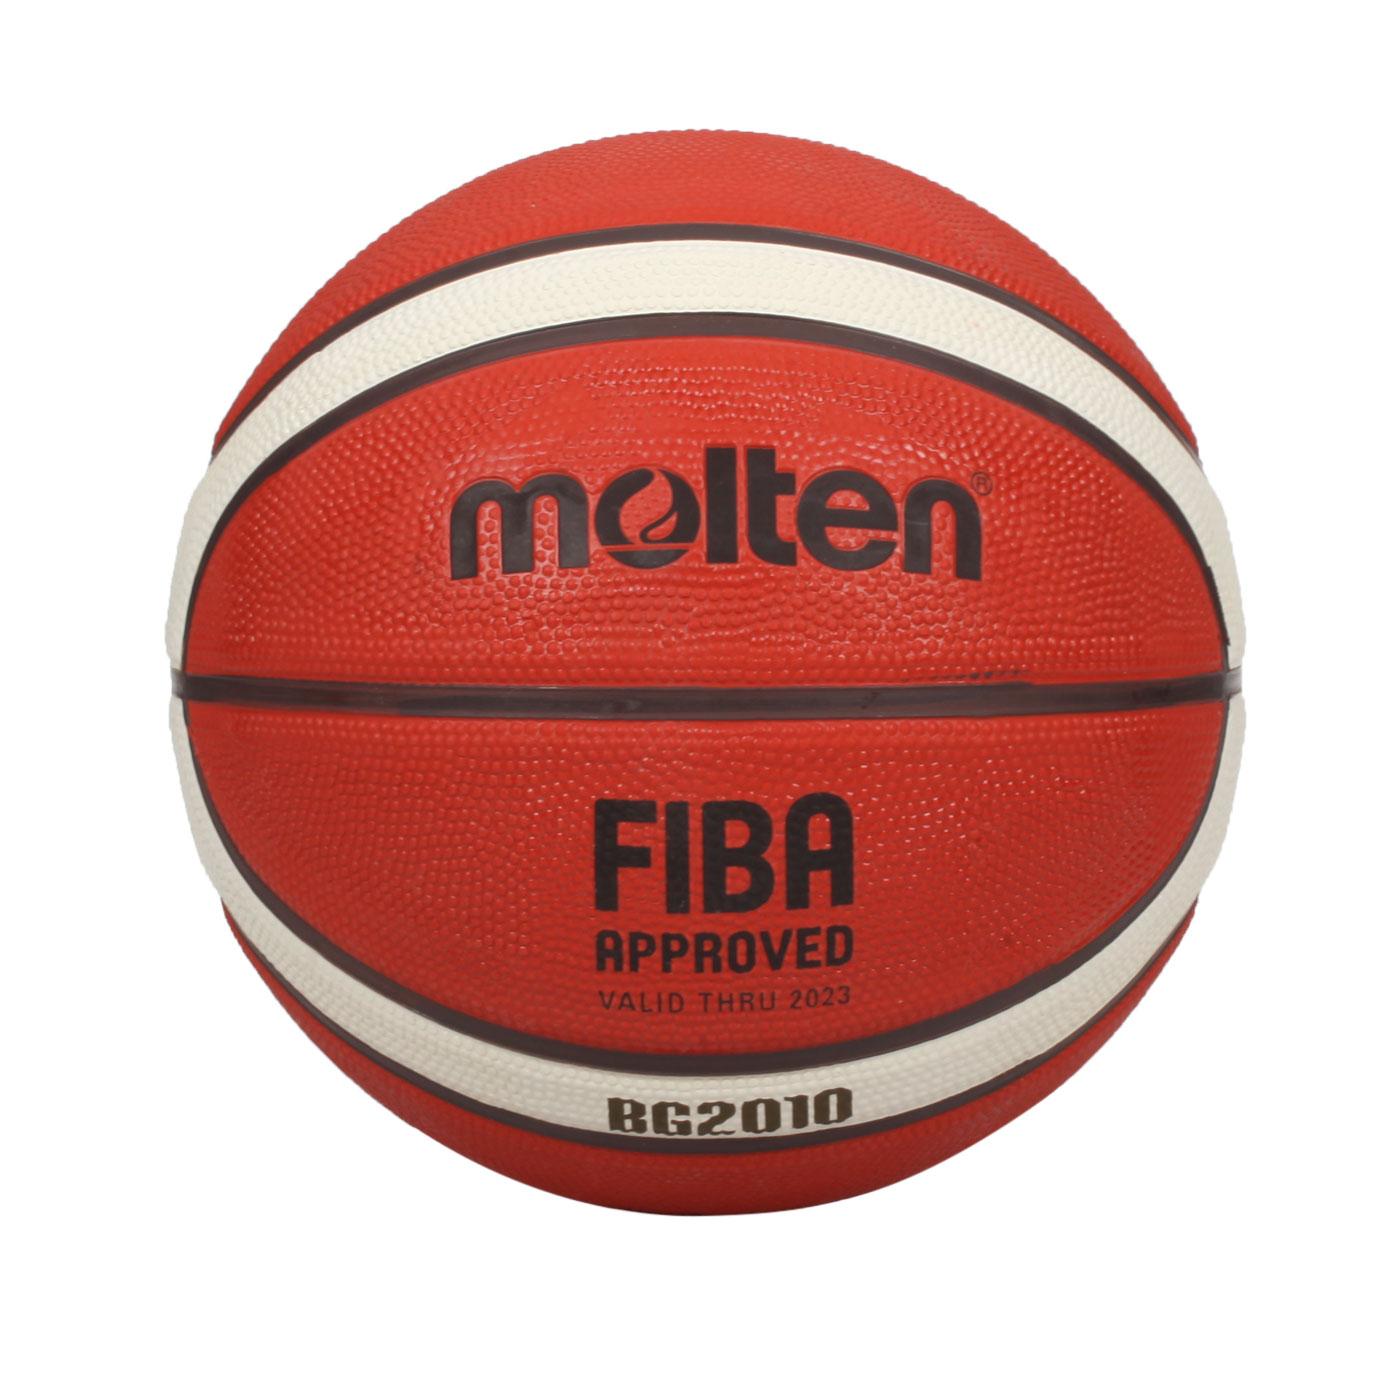 Molten 12片橡膠深溝籃球#6 B6G2010 - 橘米白